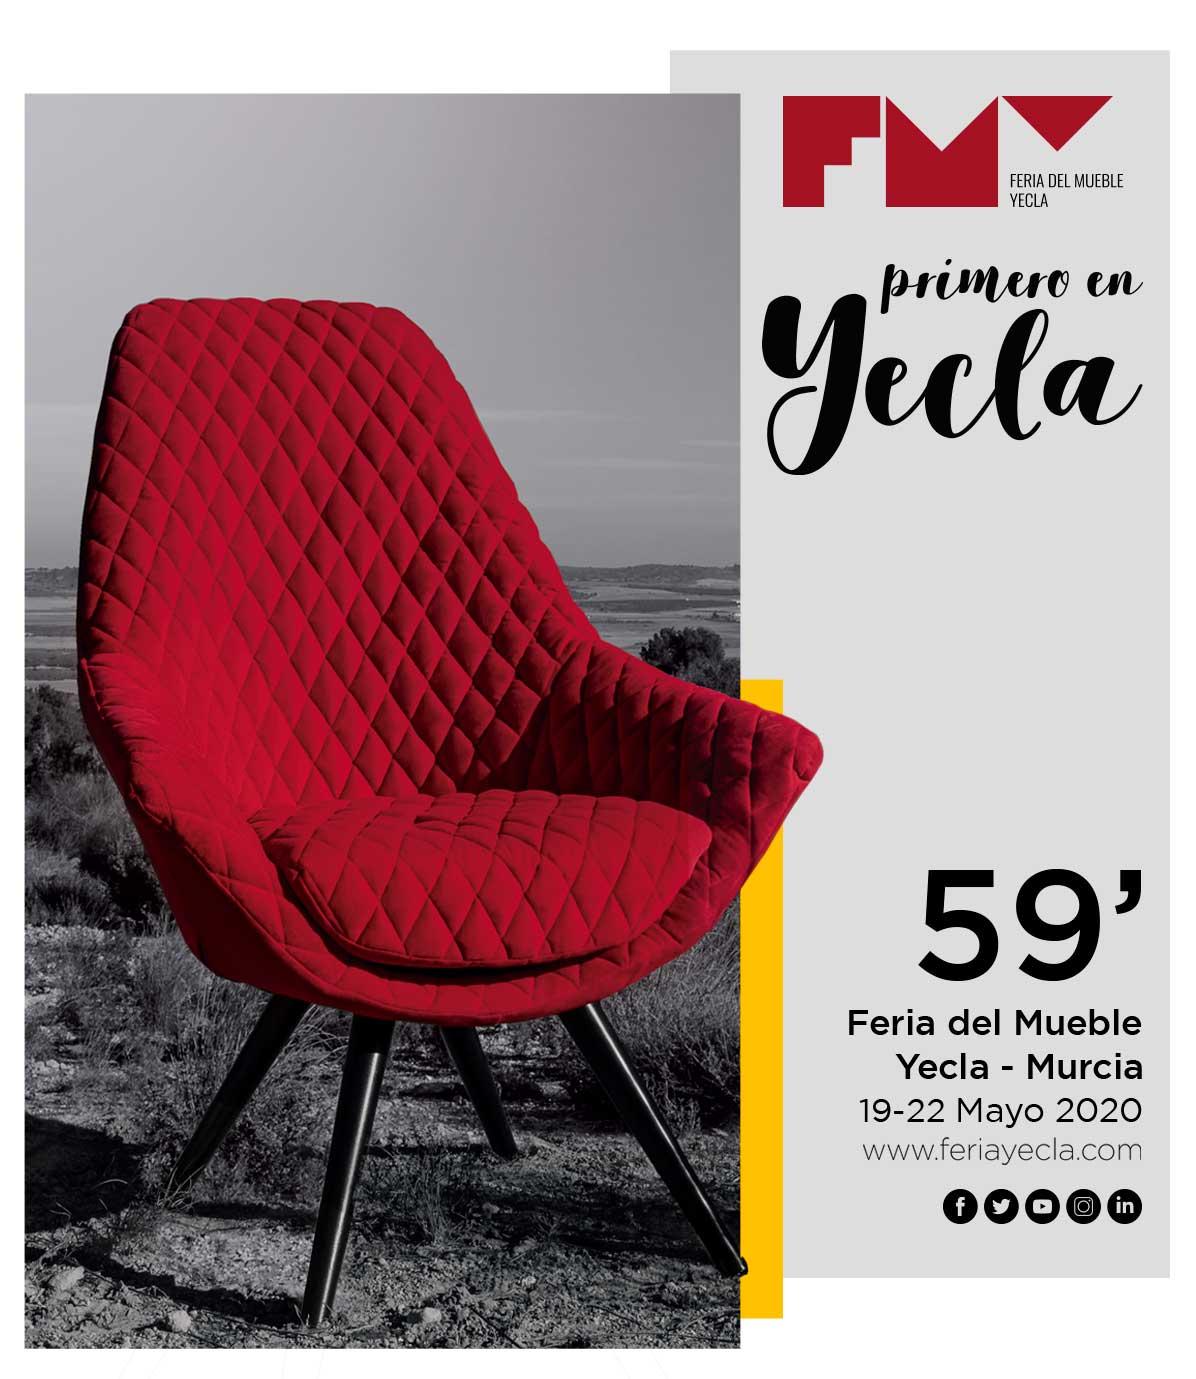 Feria-del-Mueble-Yecla-59-edicion-marketing-digital-y-offline